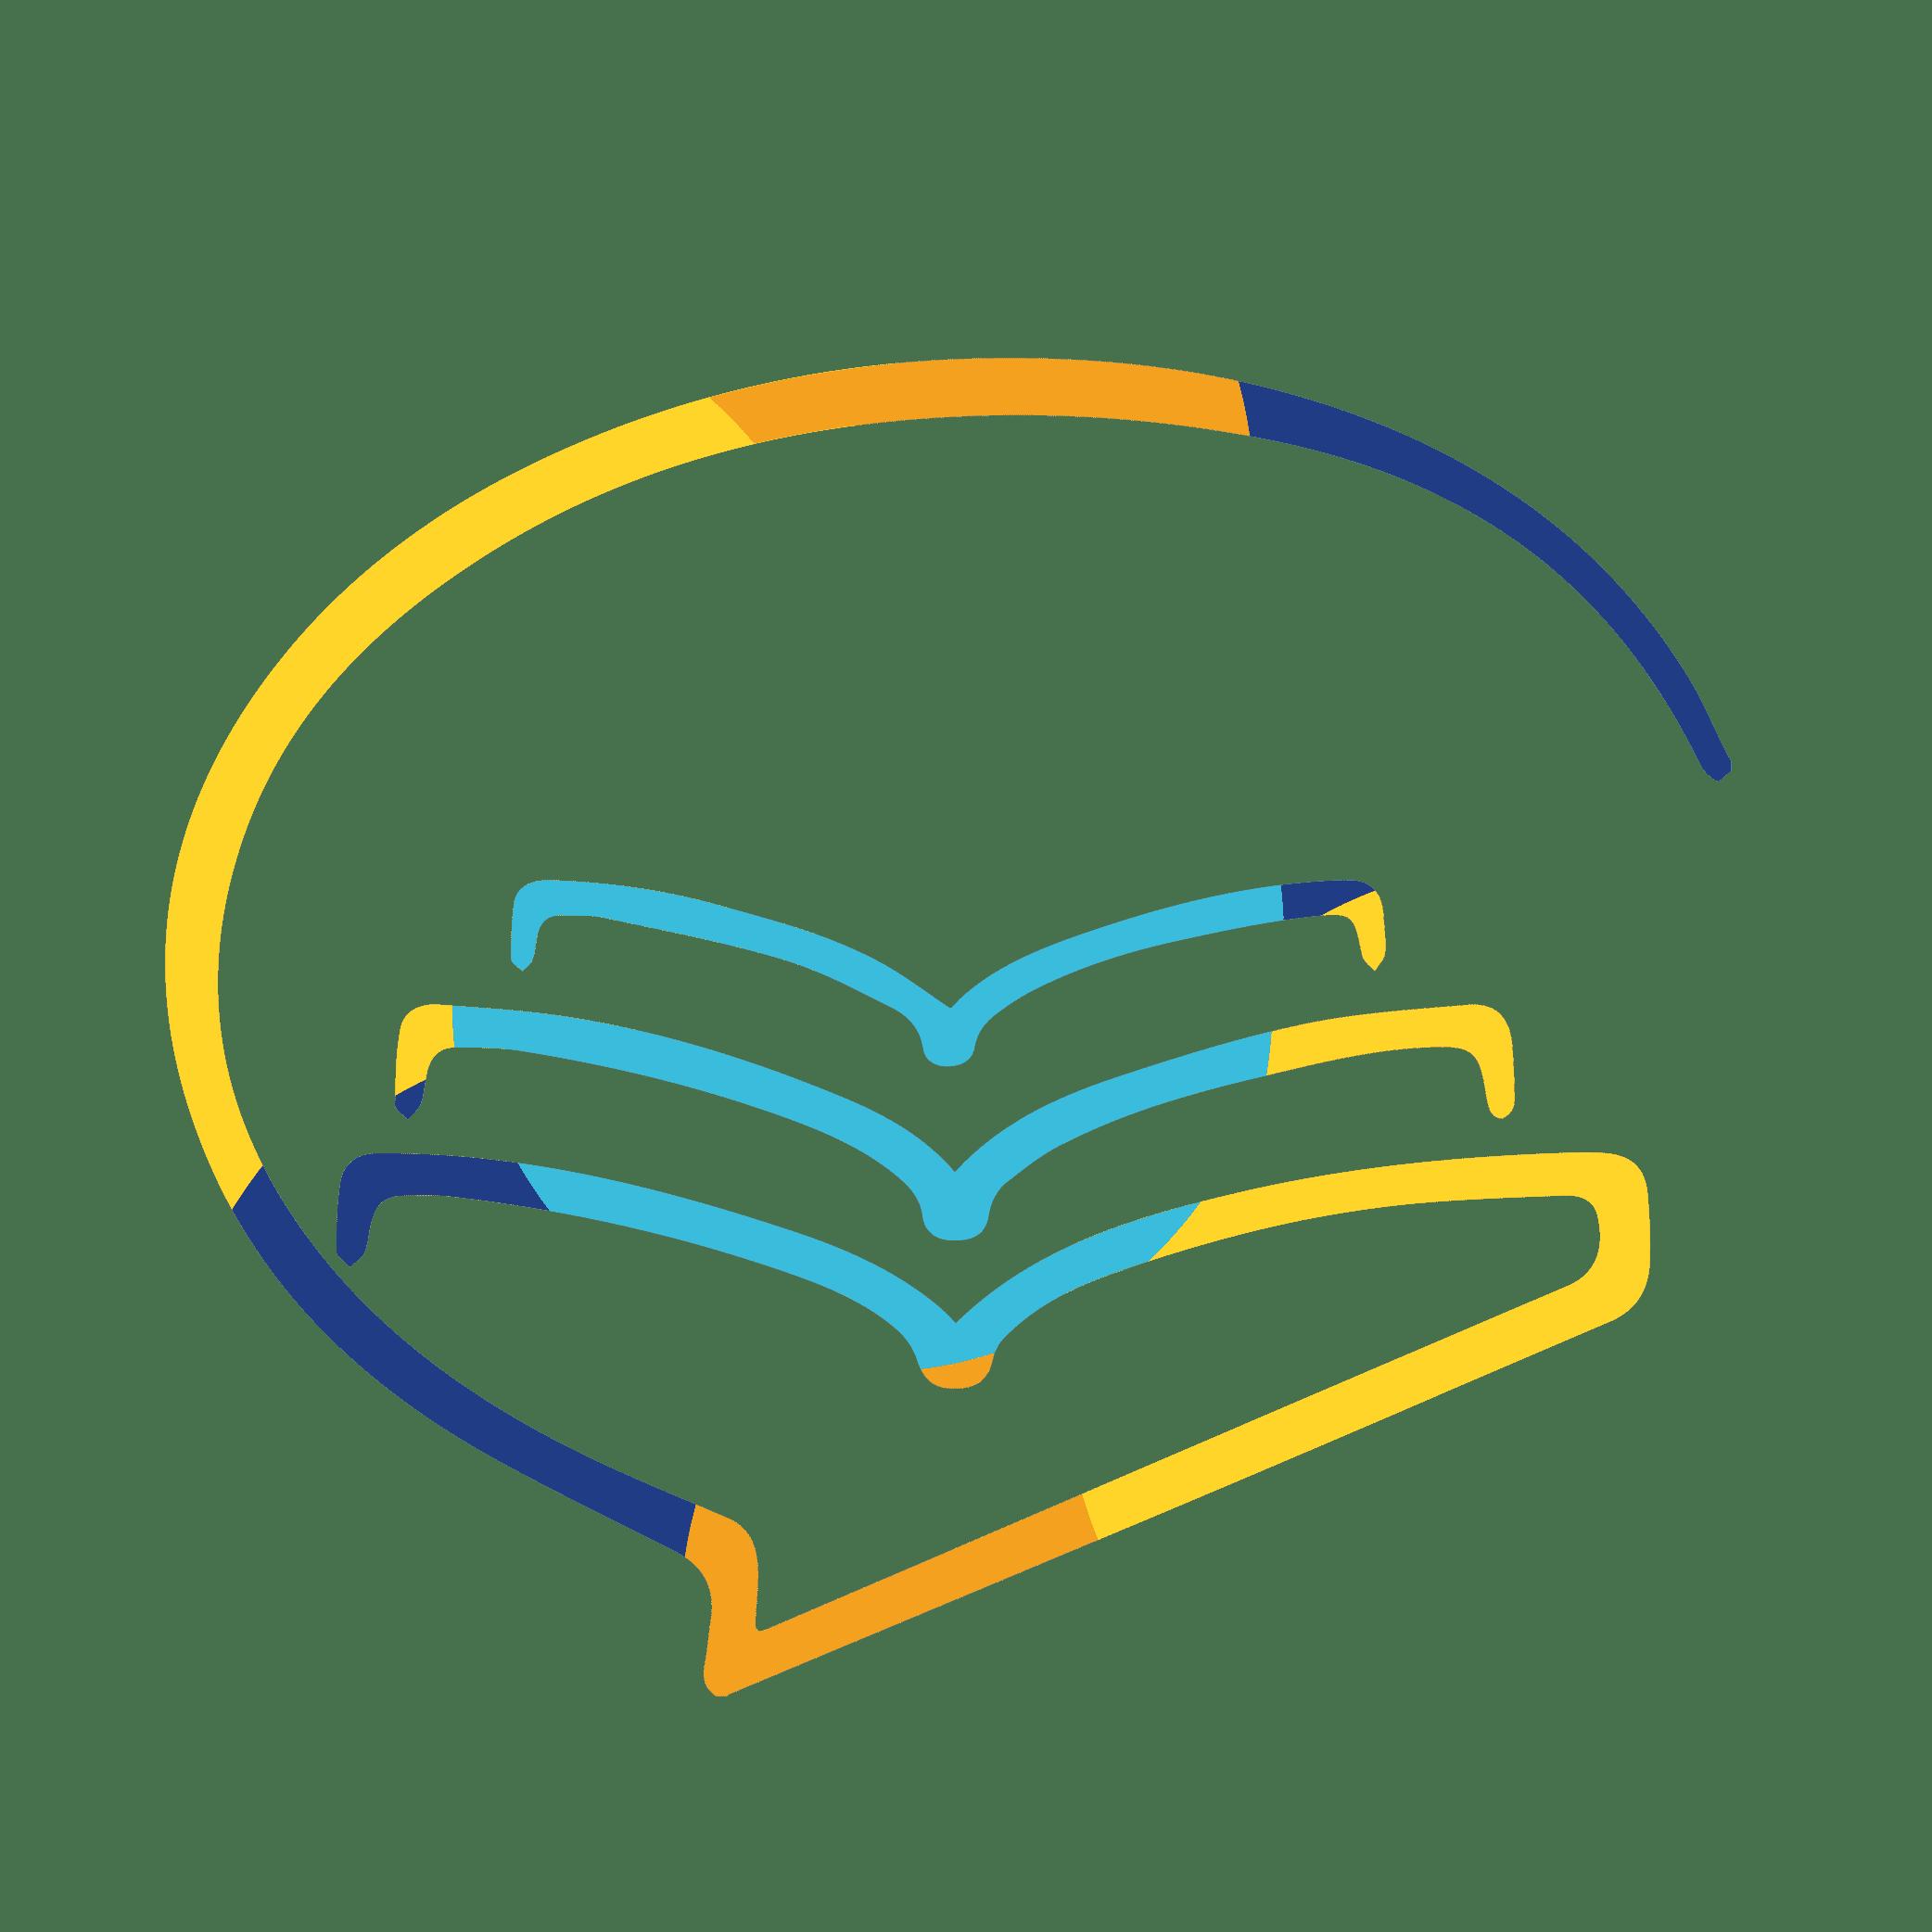 أسئلة الاتجاهات الحديثة دار 444 - الفصل الاول 1441